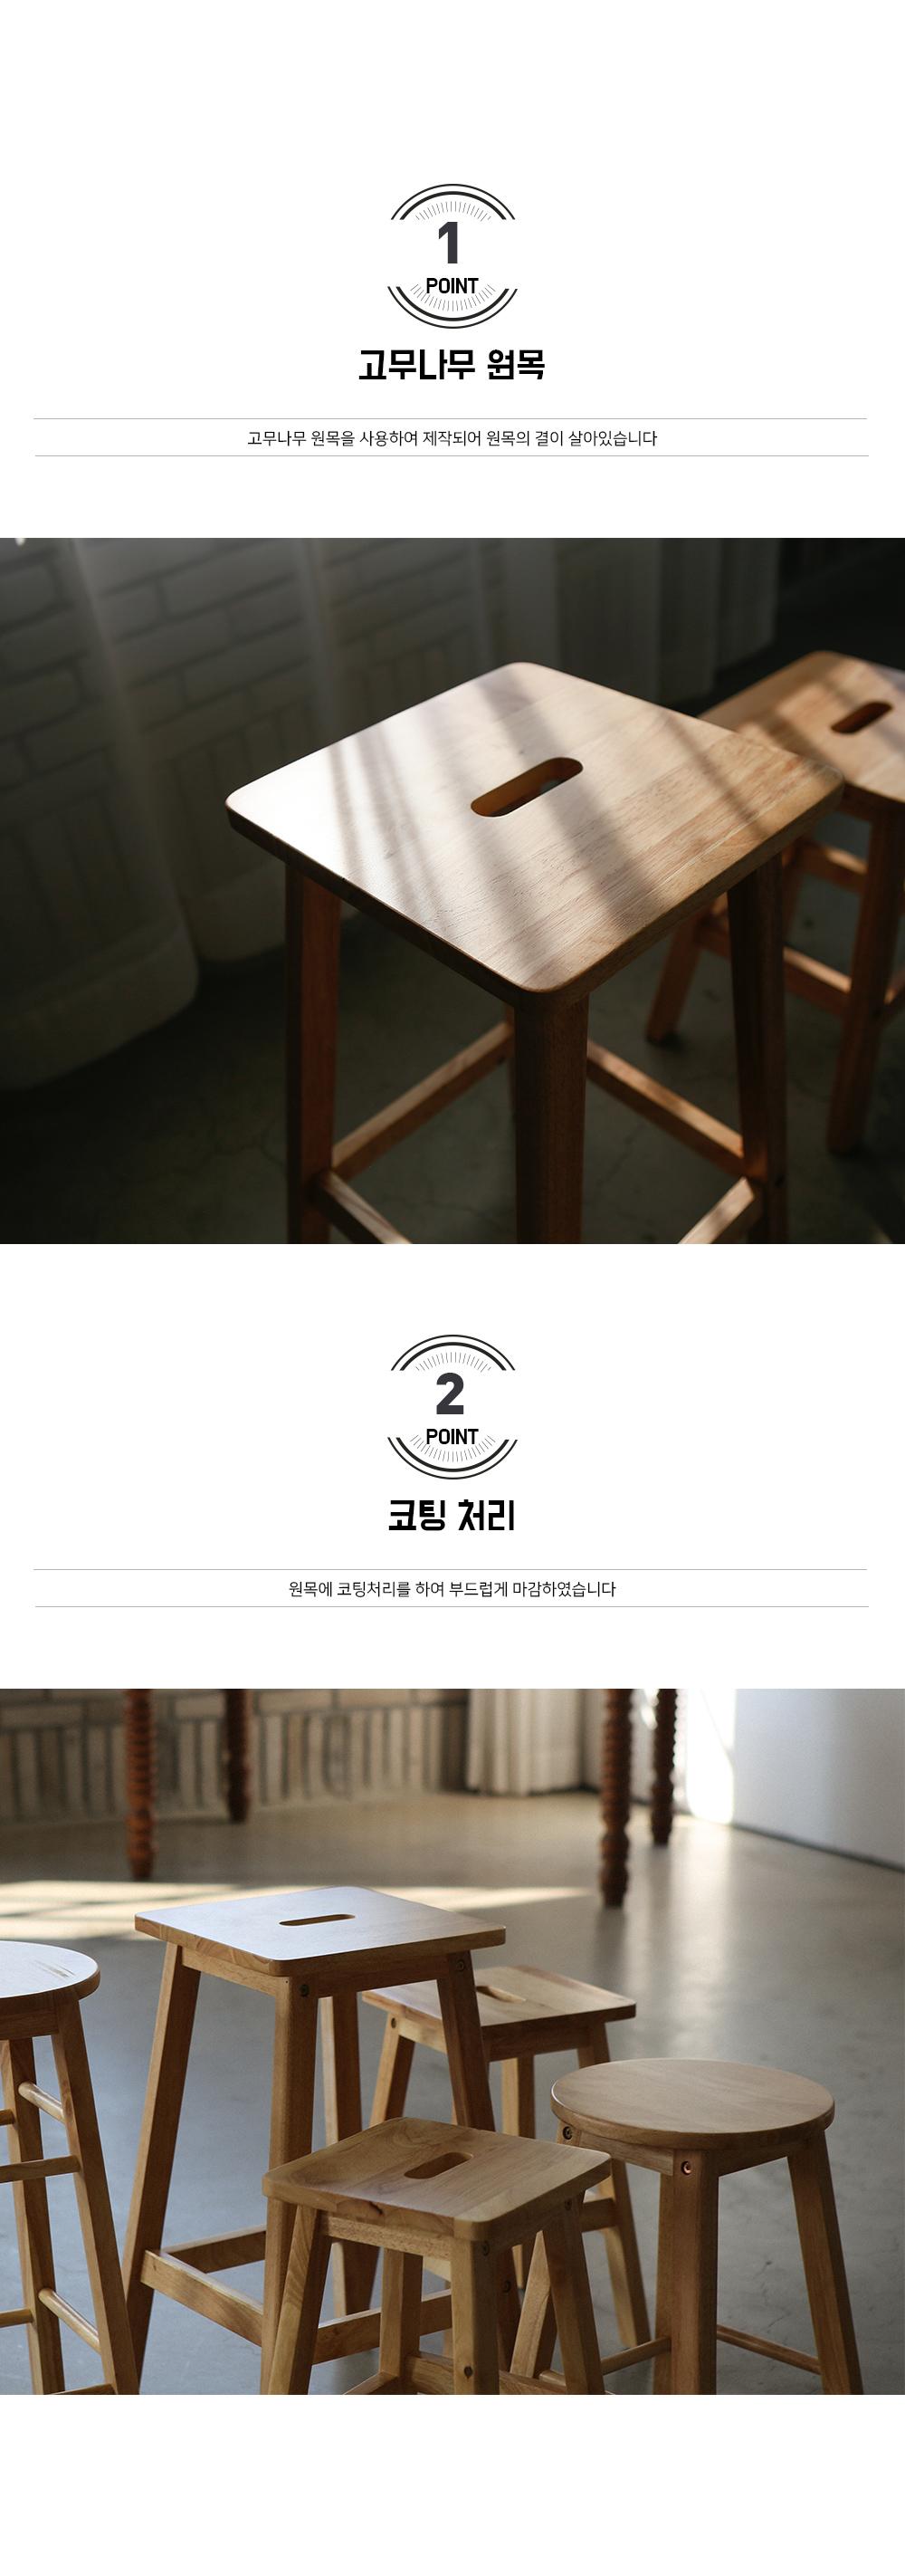 리빙숲 원목 사각스툴, 소 - 리빙숲, 23,900원, DIY 책상/의자, DIY 의자/스툴